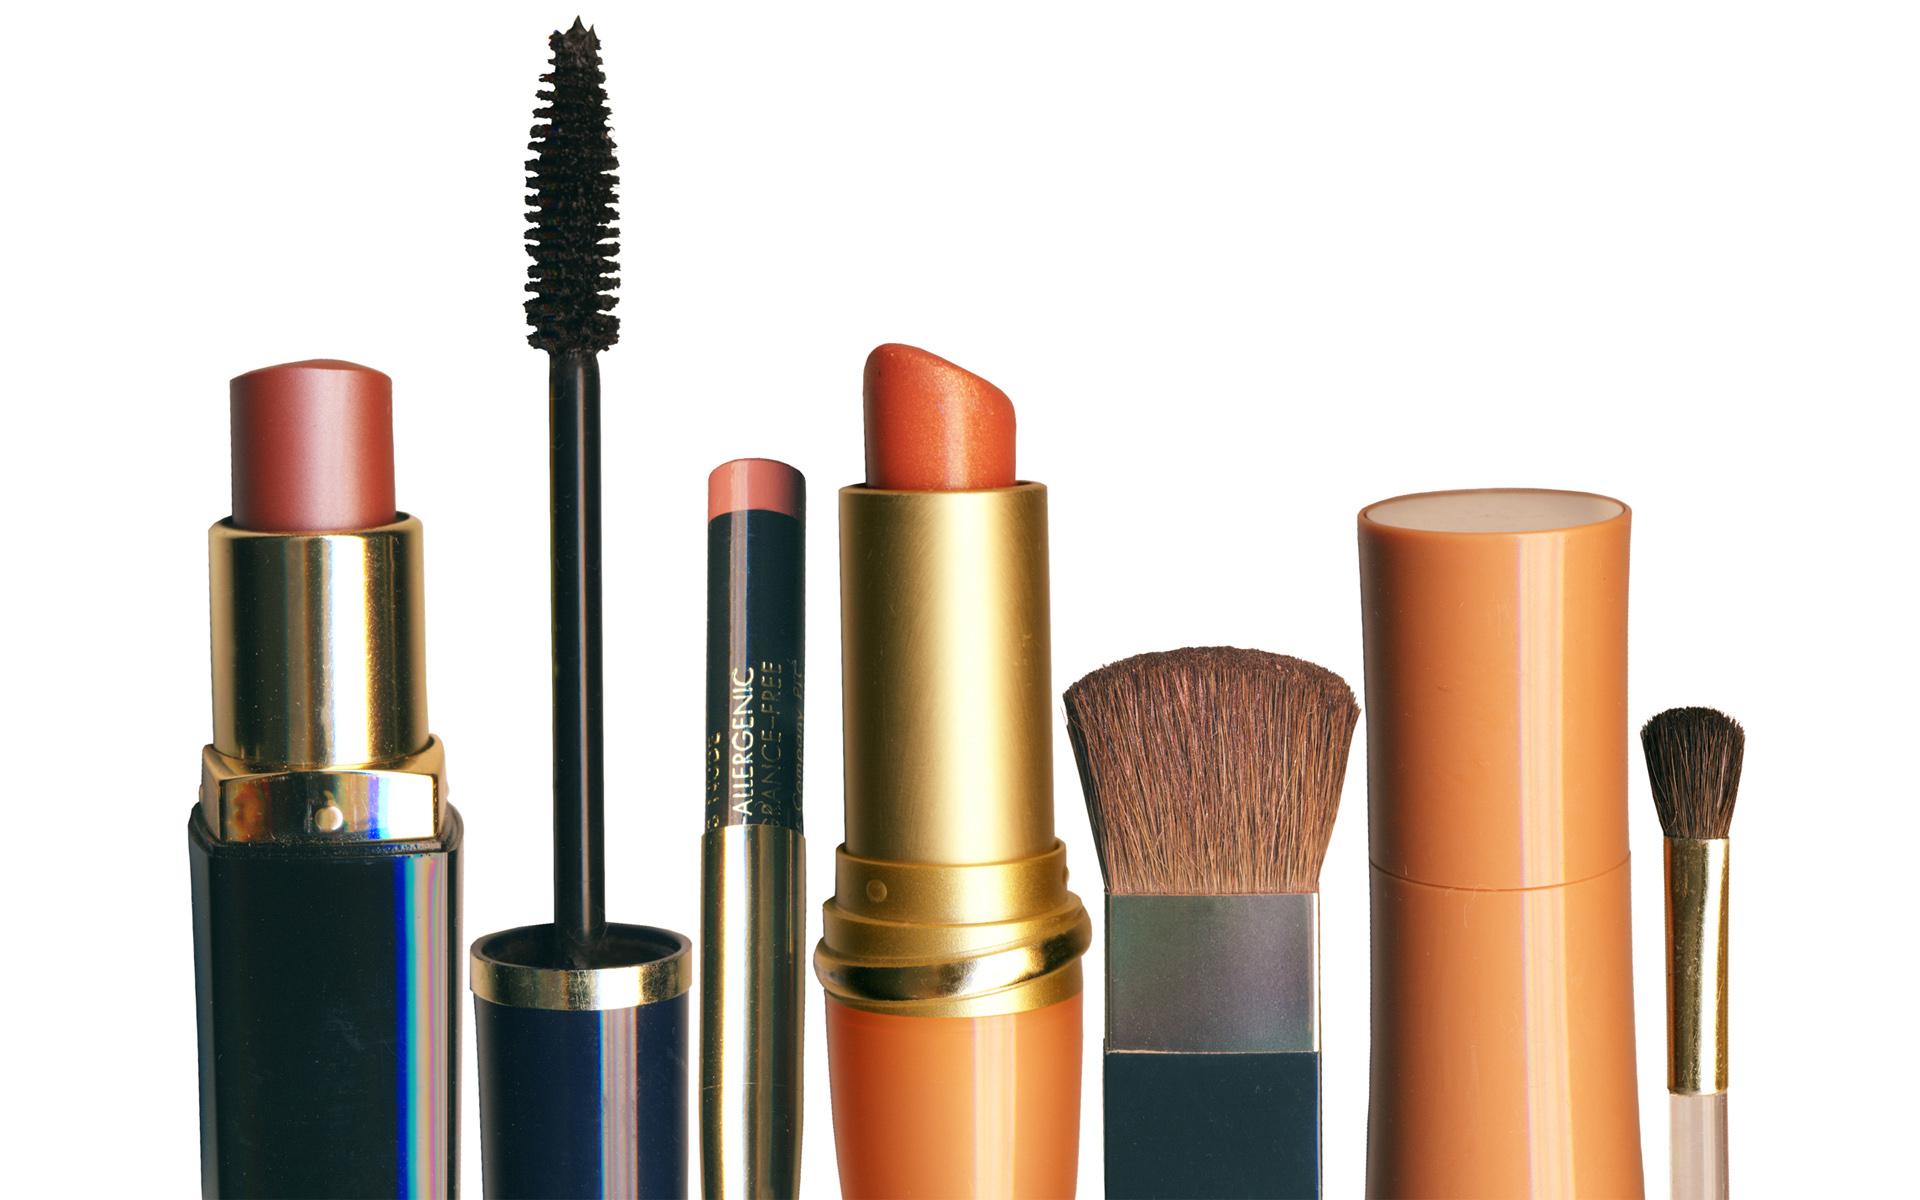 makeup wallpaper 23230 1920x1200 px hdwallsourcecom